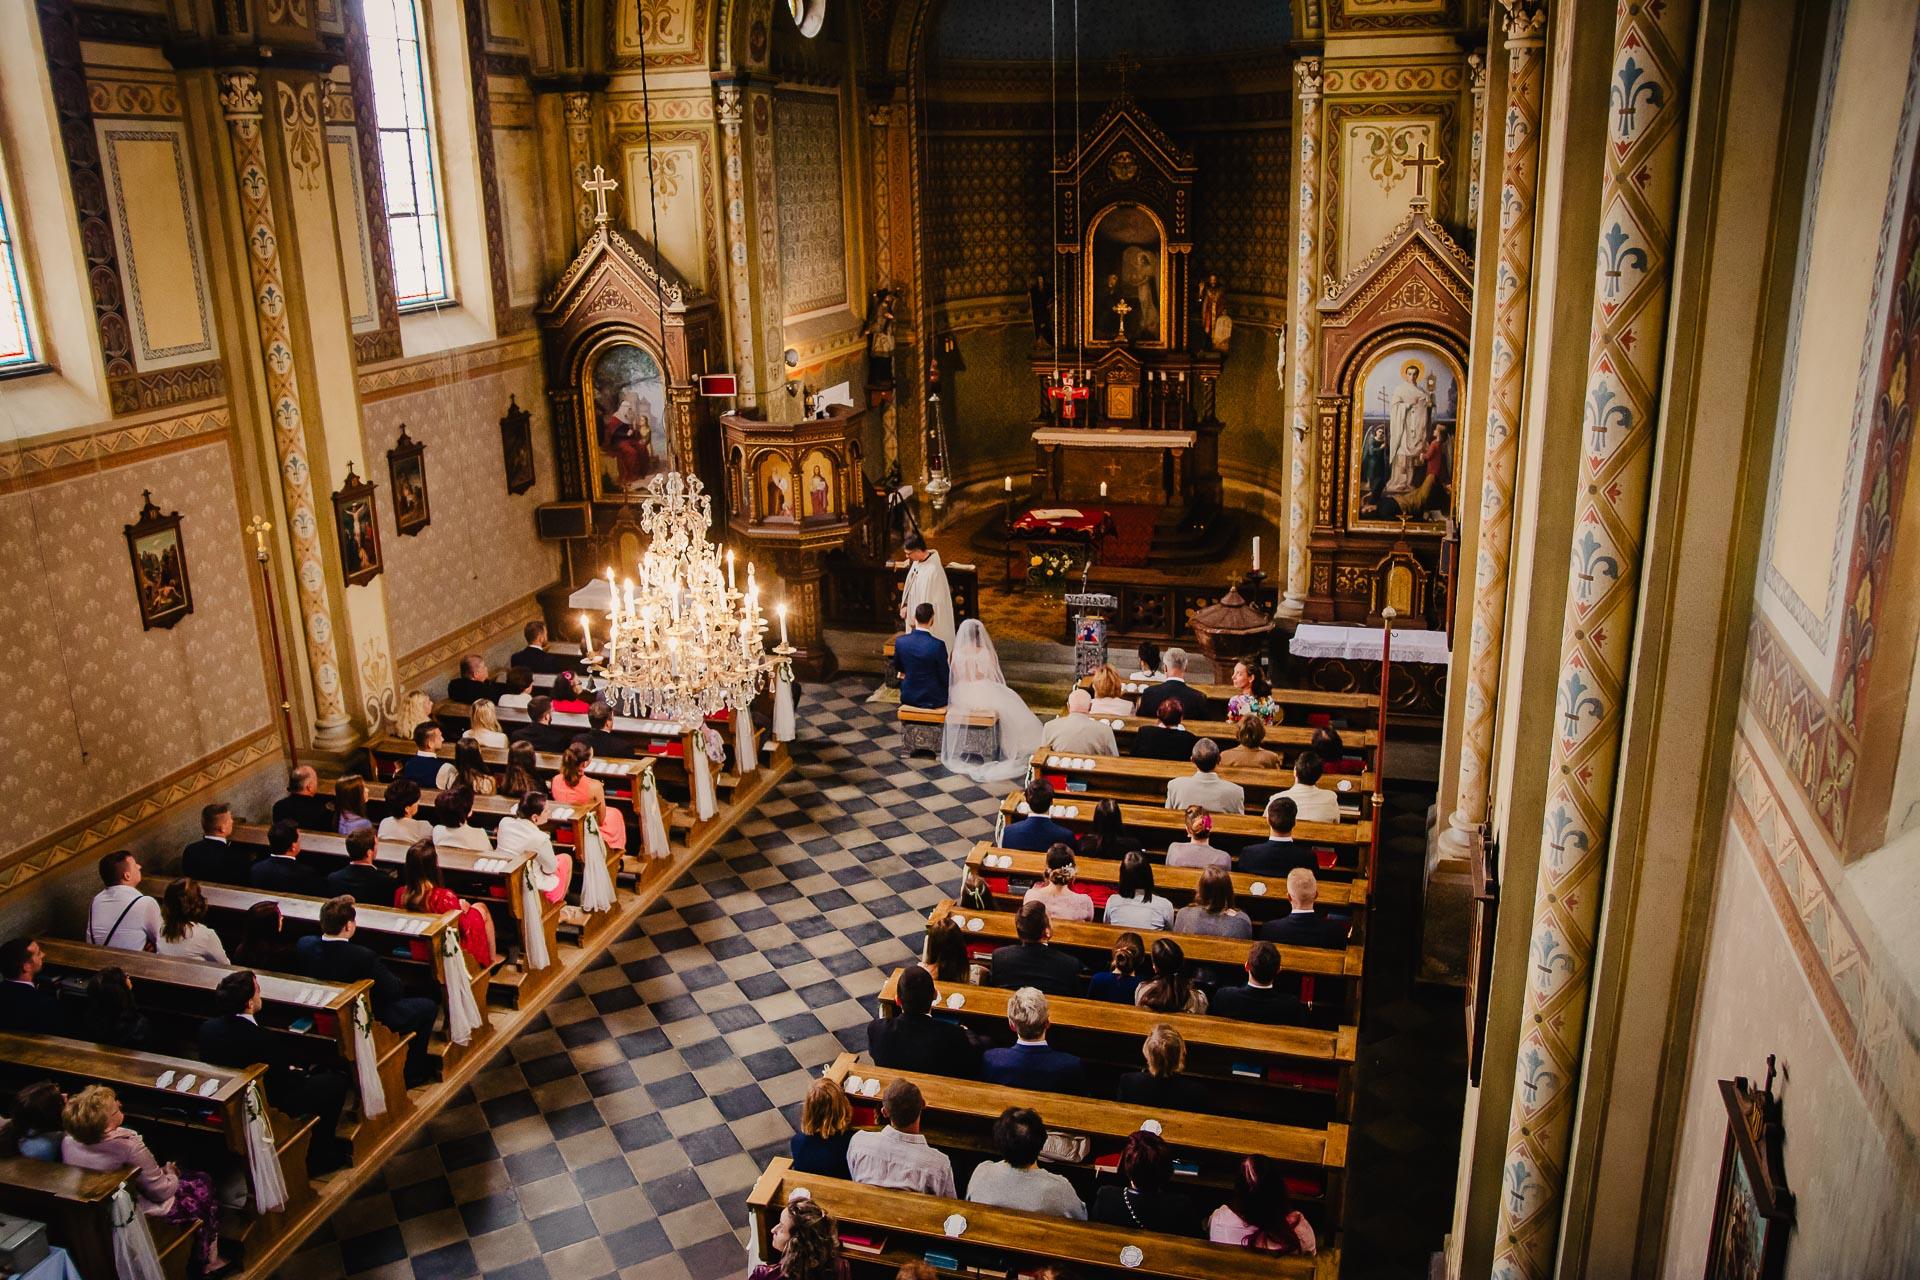 svatební fotograf Praha,svatba střední čechy, církevní obřad, svatba v kostele, nejhezčí svatební fotografie-2276